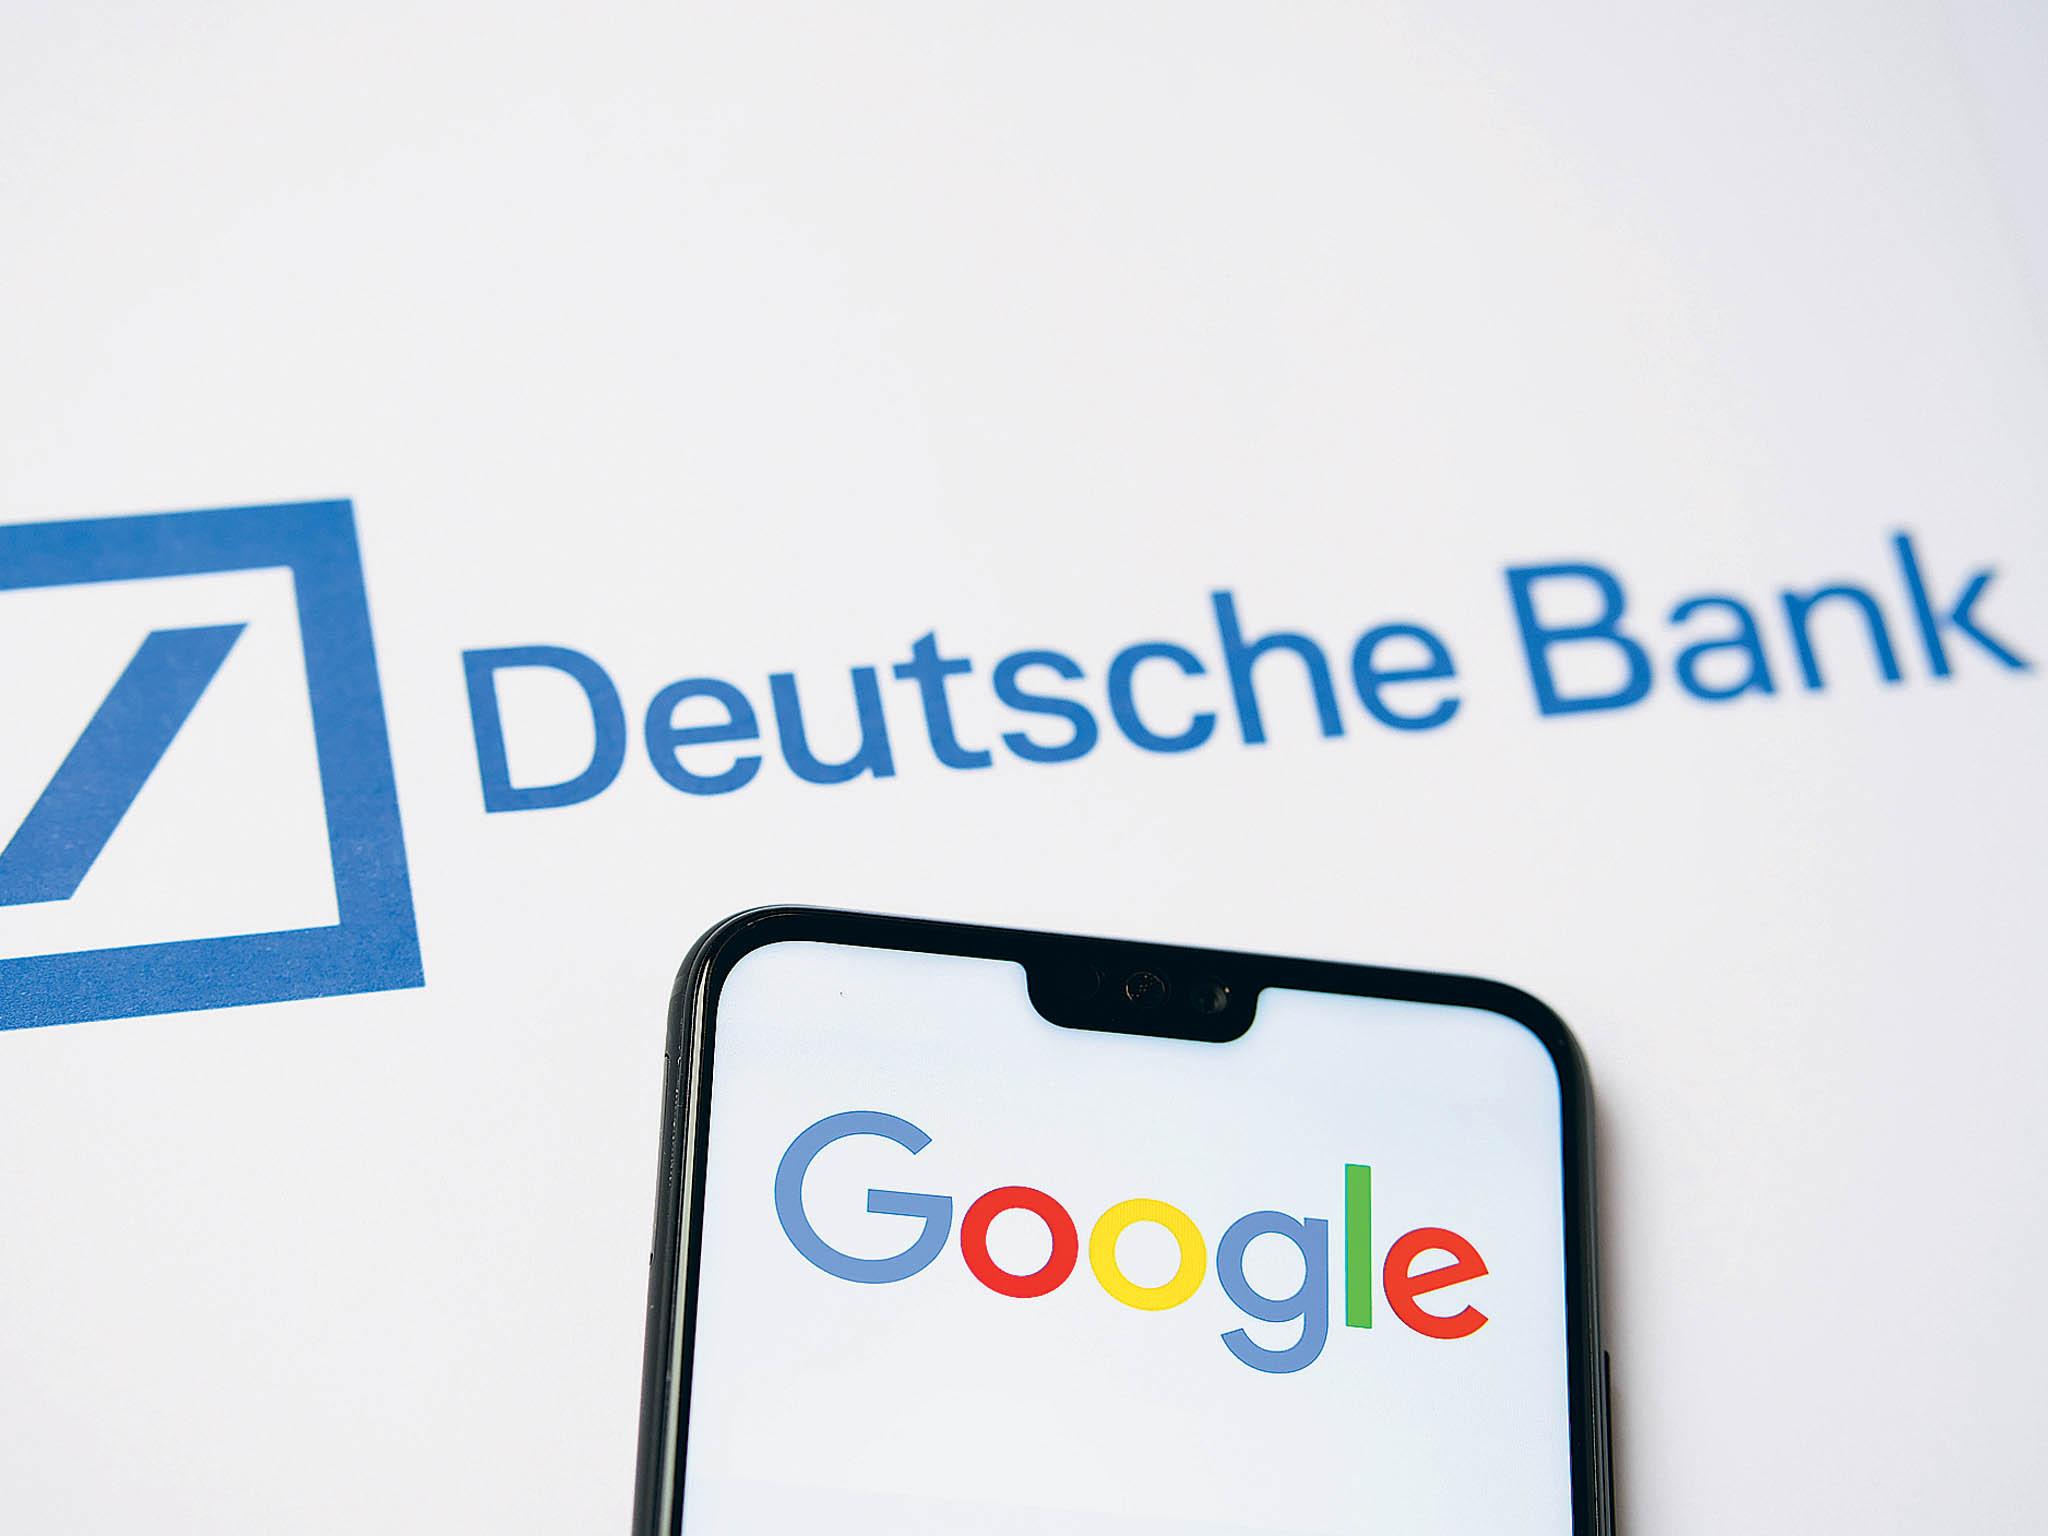 Deutsche Bank oznámí hospodářské výsledky